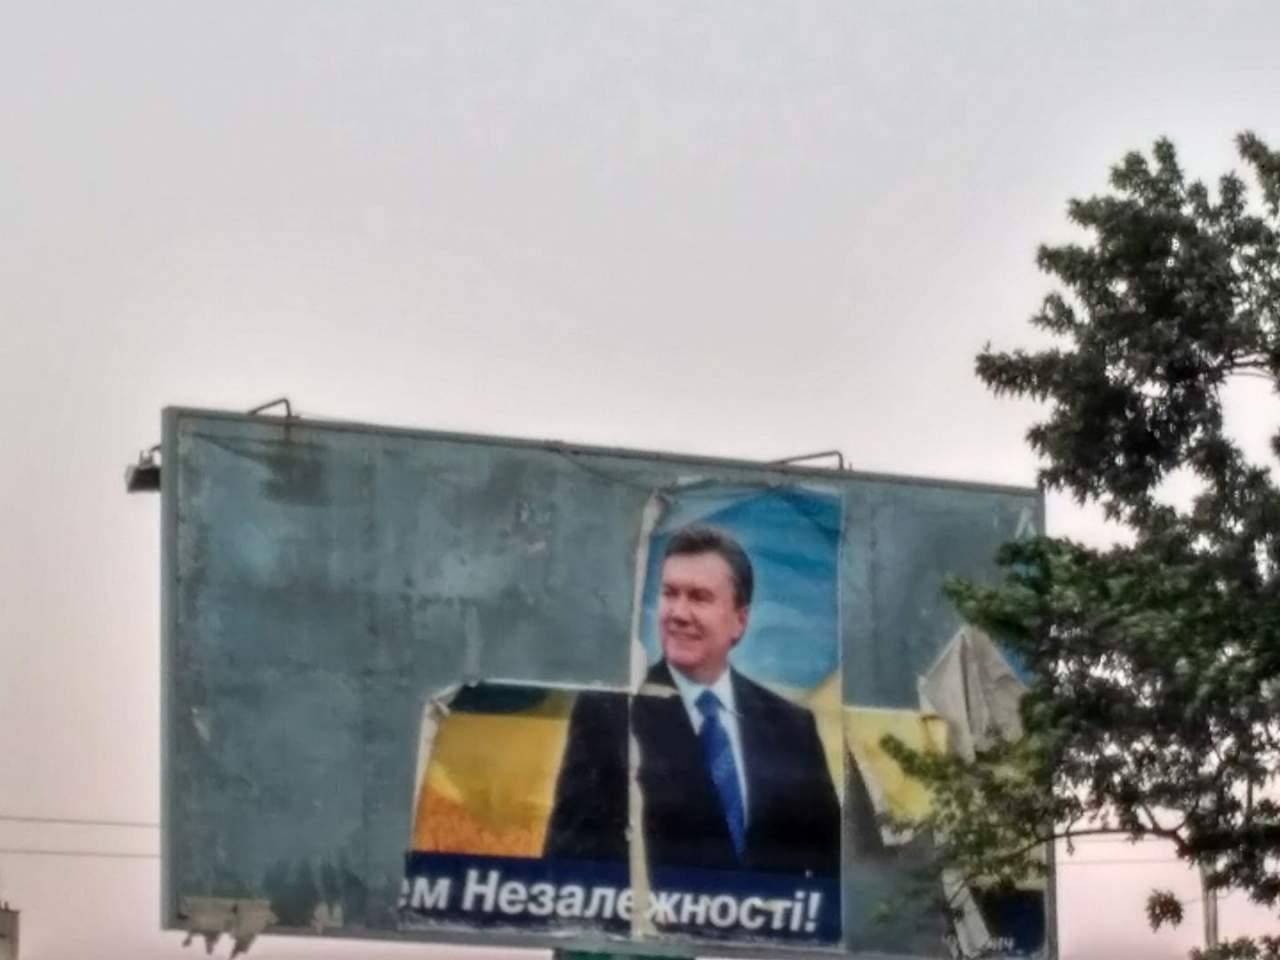 Внезапно: в Киеве обнаружили билборд с изображением экс-президента Януковича (фото)